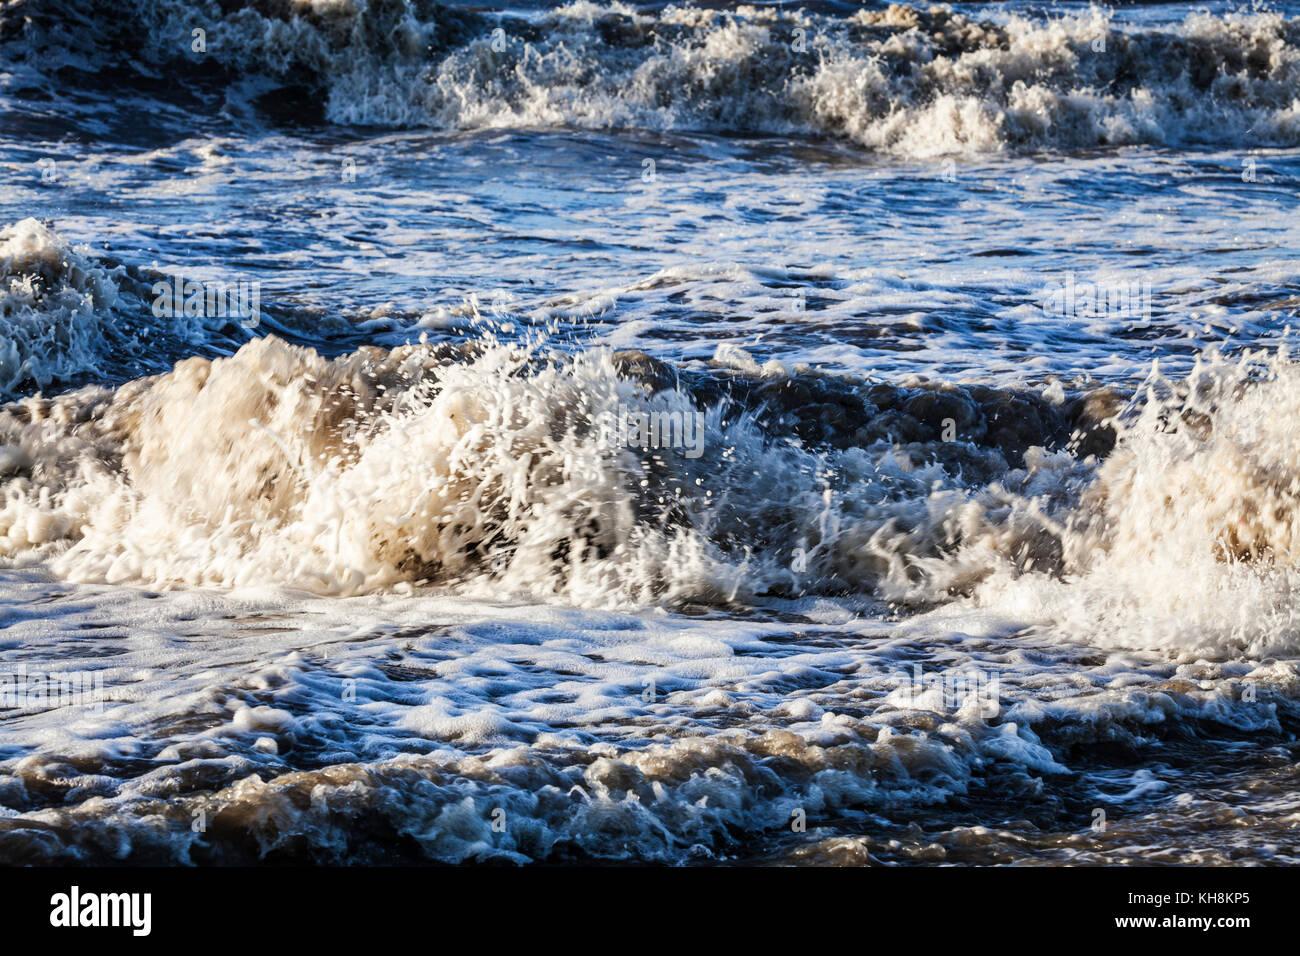 Onde che si infrangono contro la riva. Foto Stock